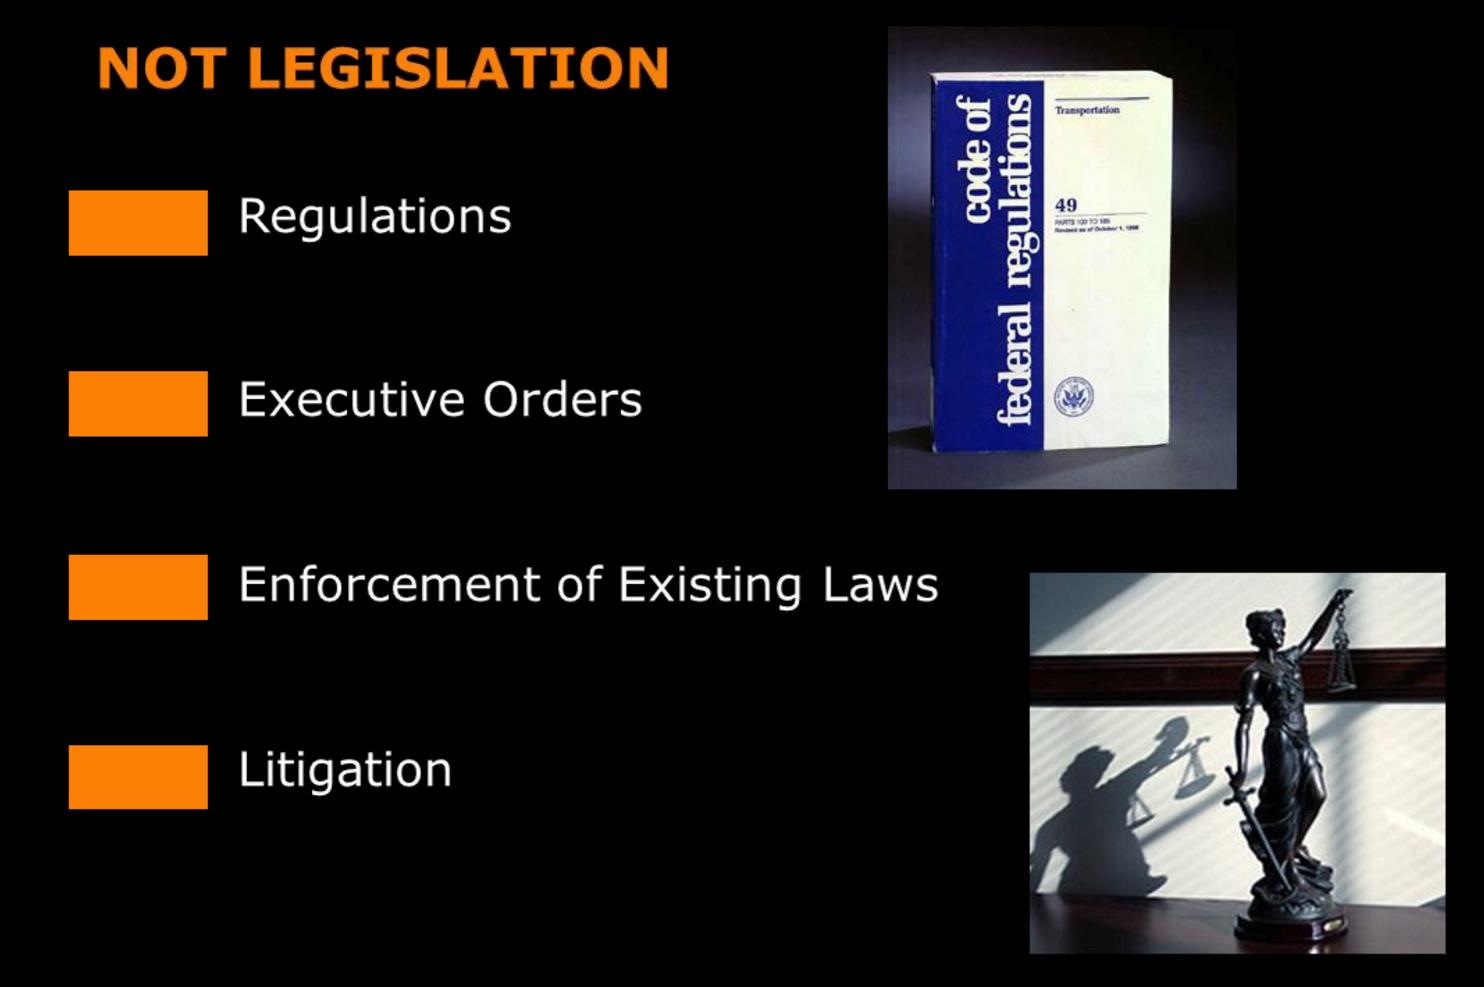 9 - not lobbying